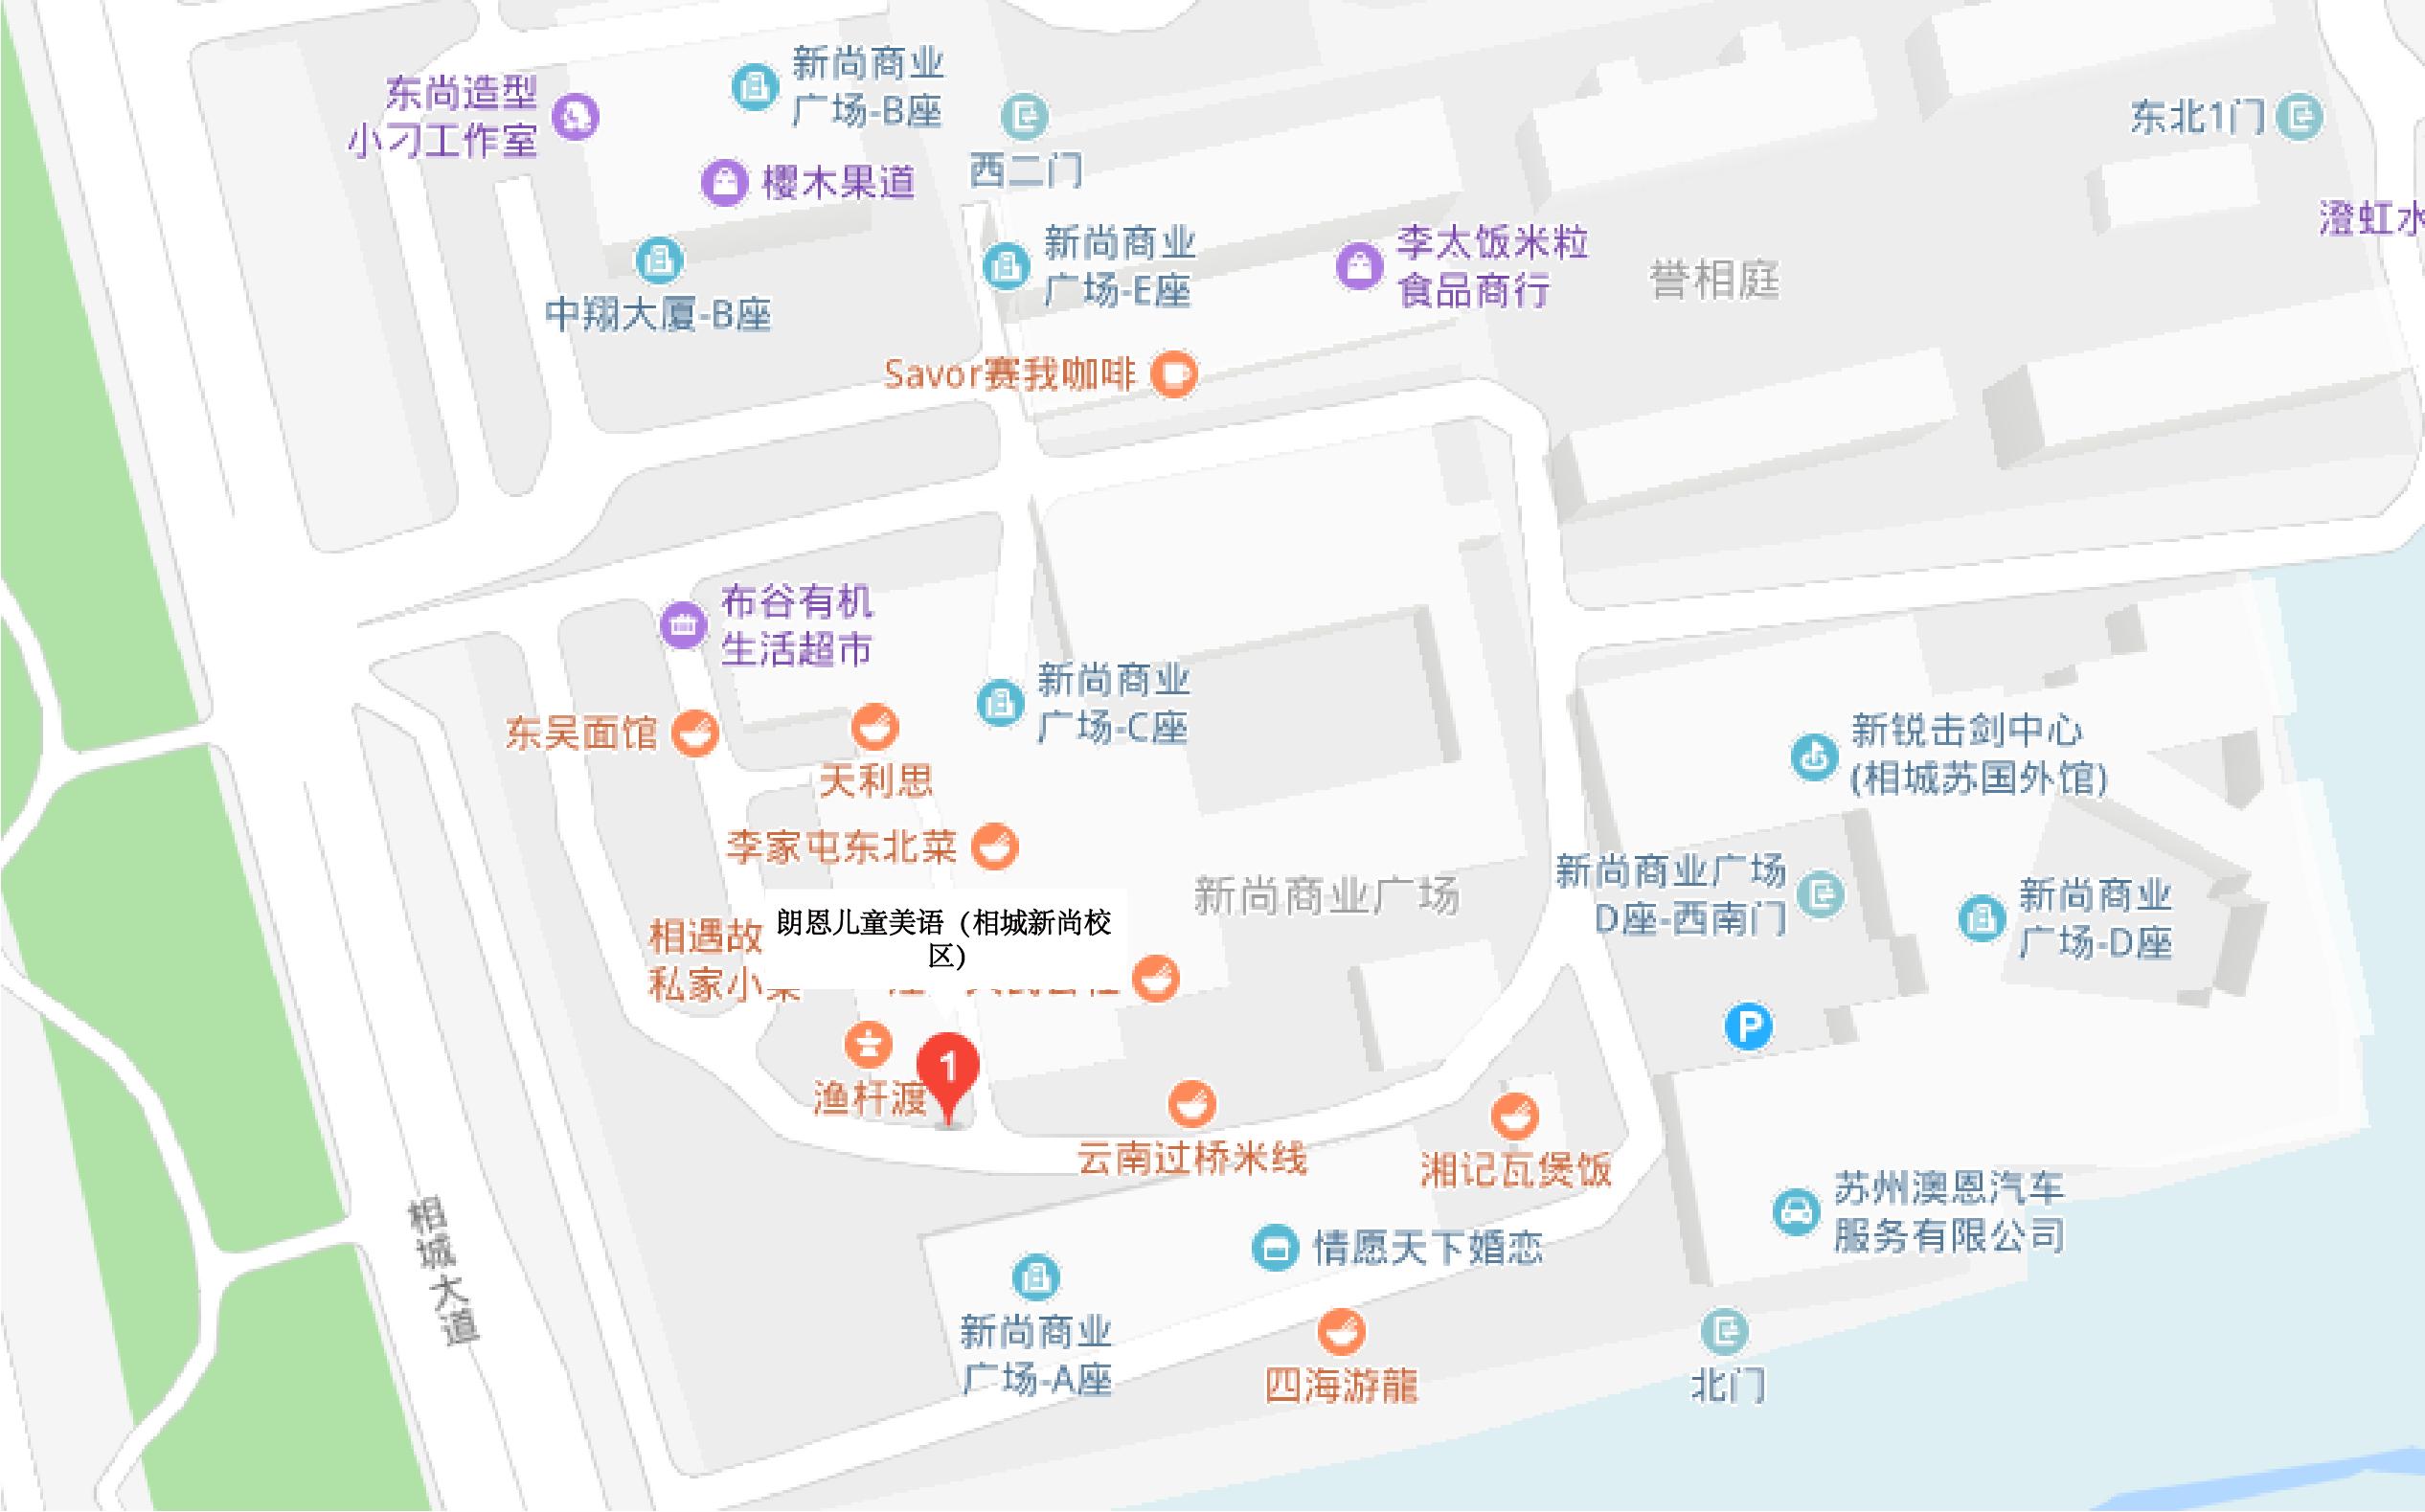 苏州相城新尚校区